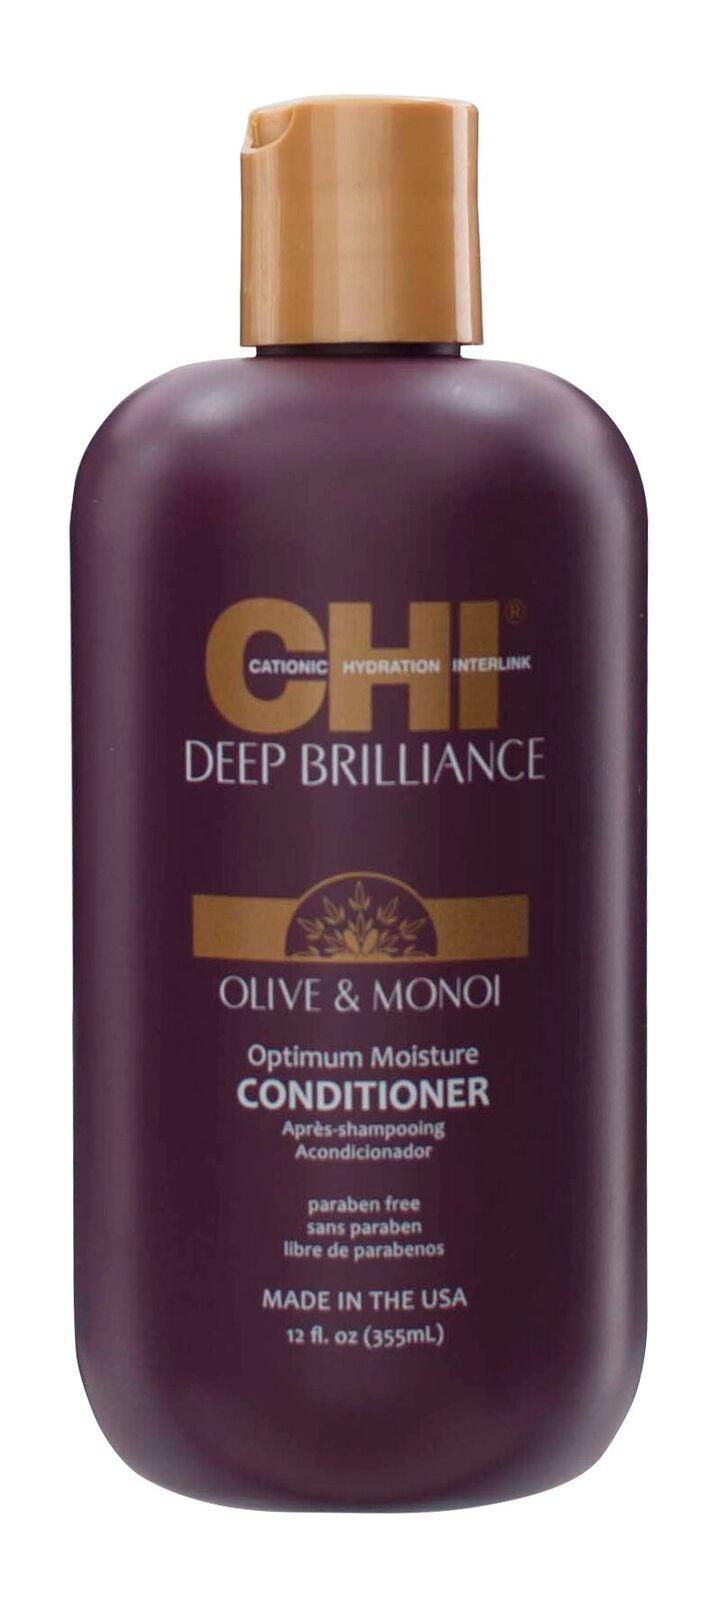 Кондиционер CHI Deep Brilliance Оптимальное Увлажнение, 355 мл